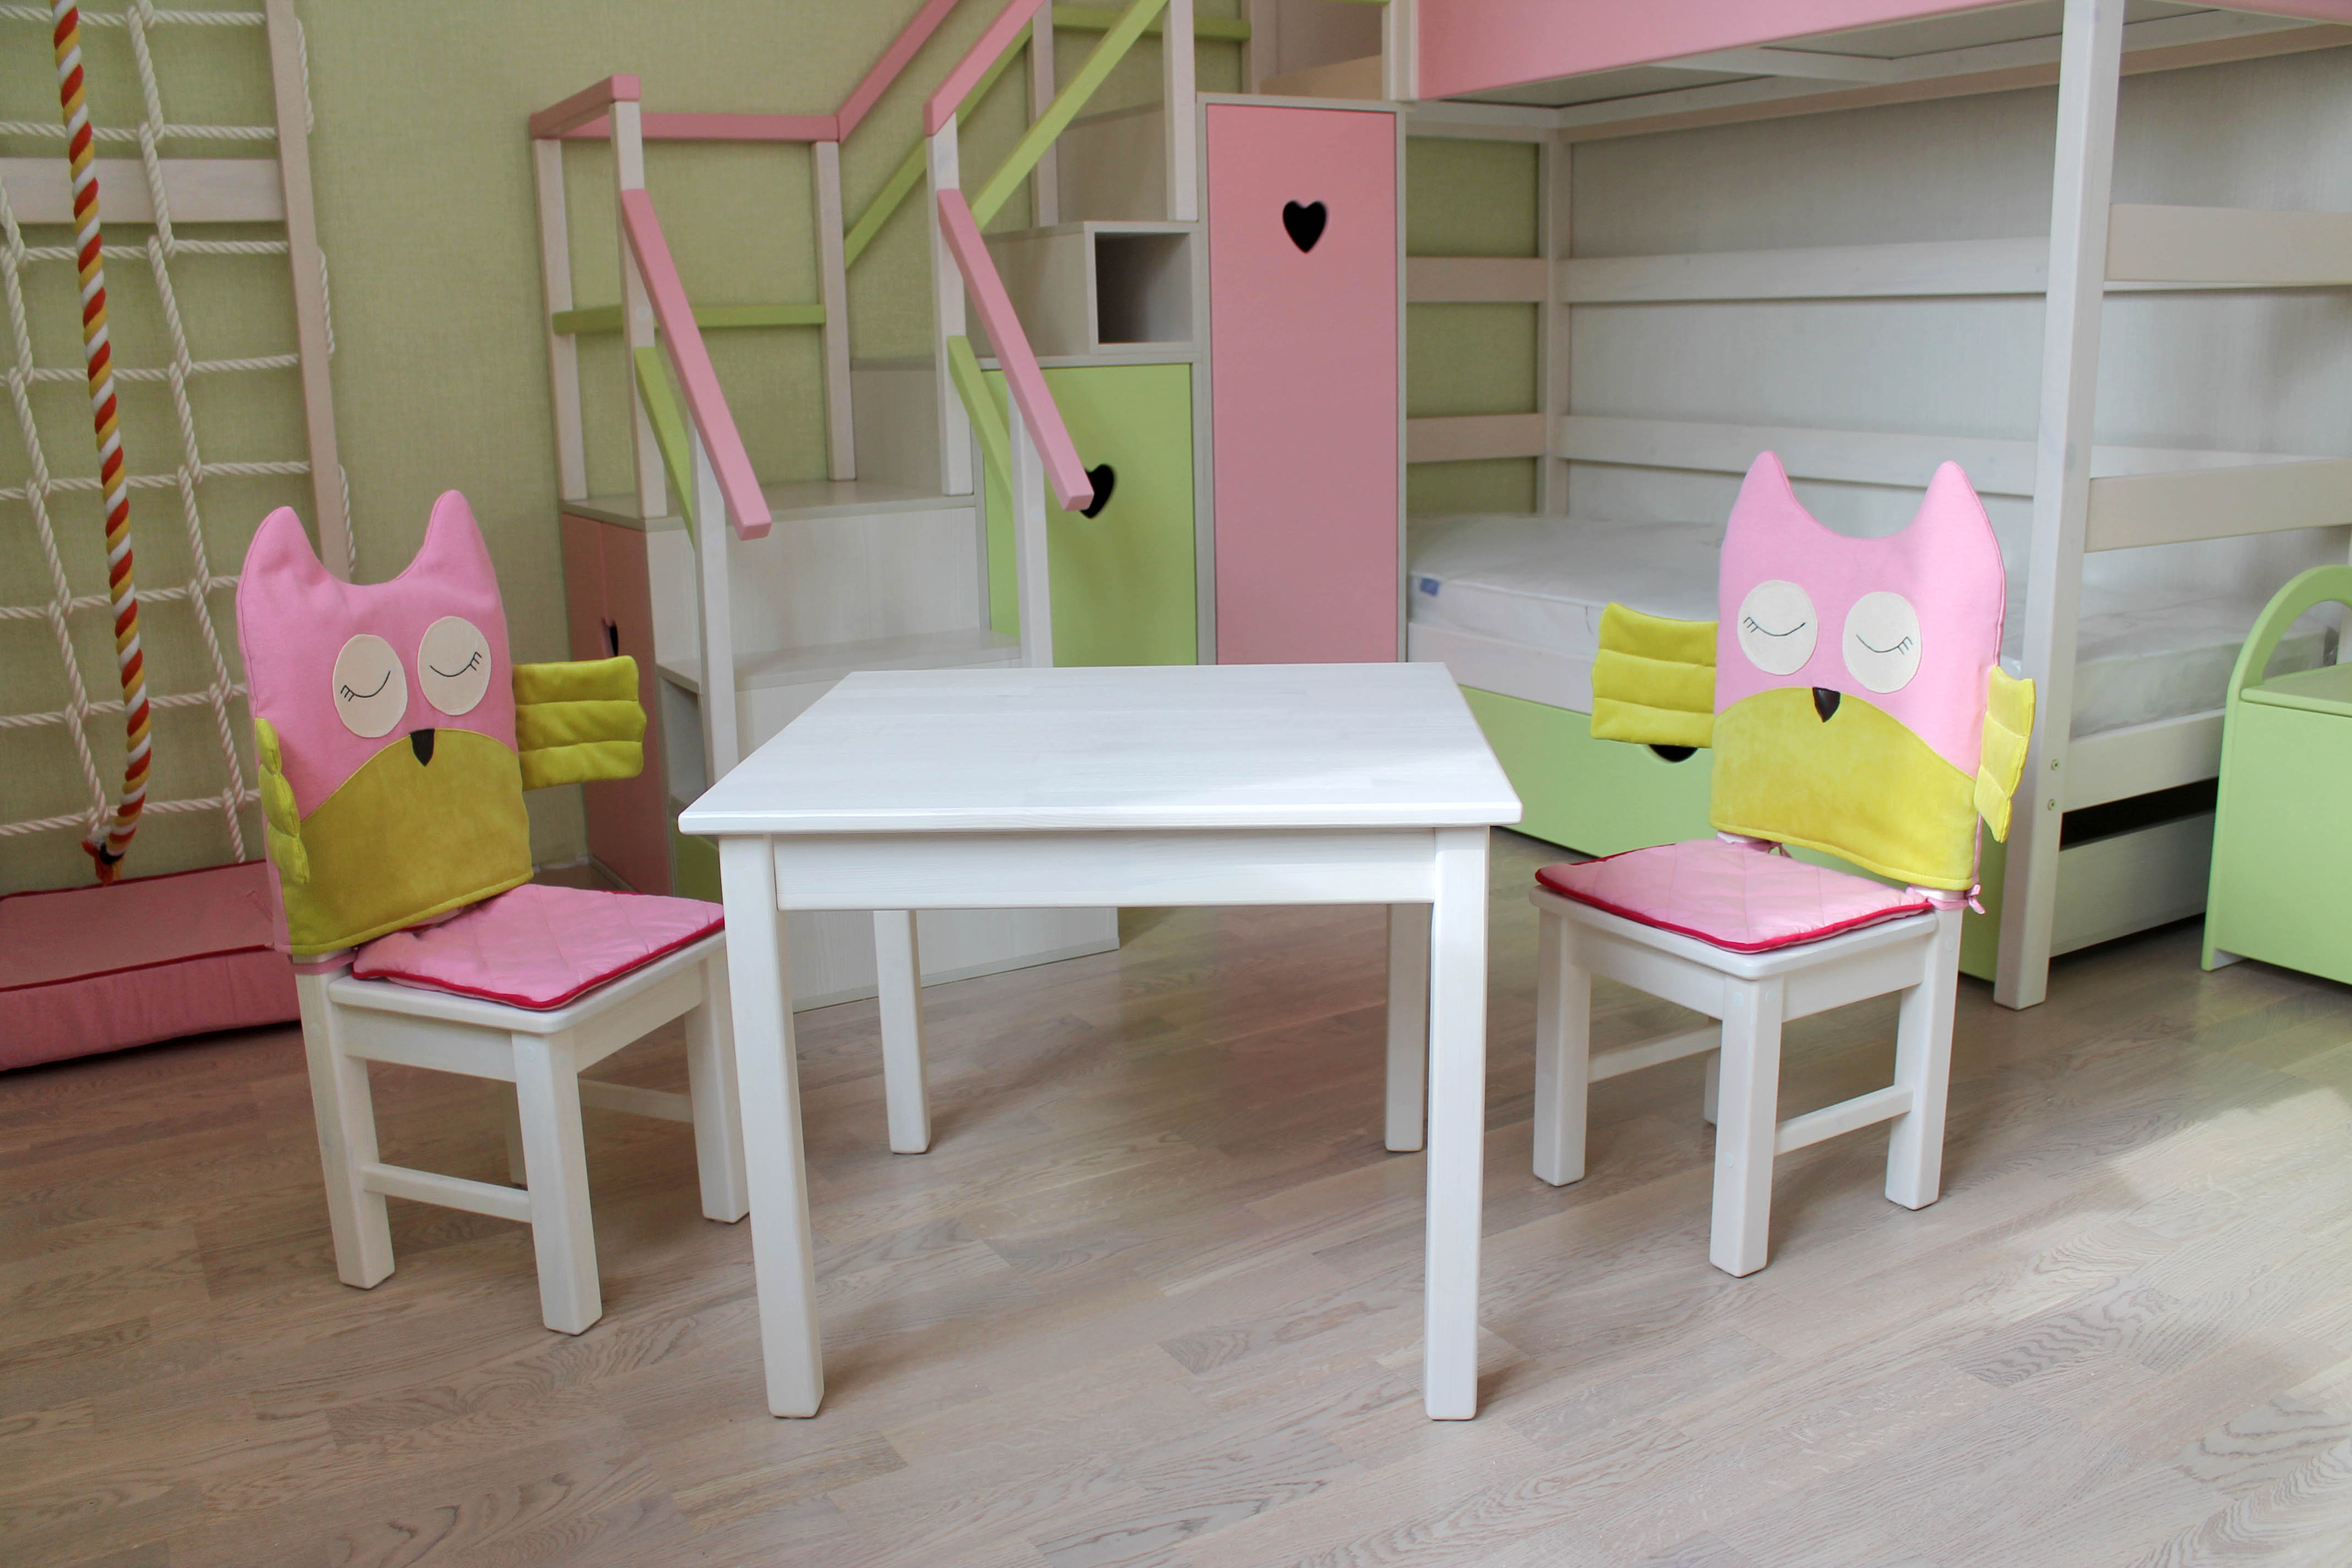 детский столик и стульчики дополненыные текстилем